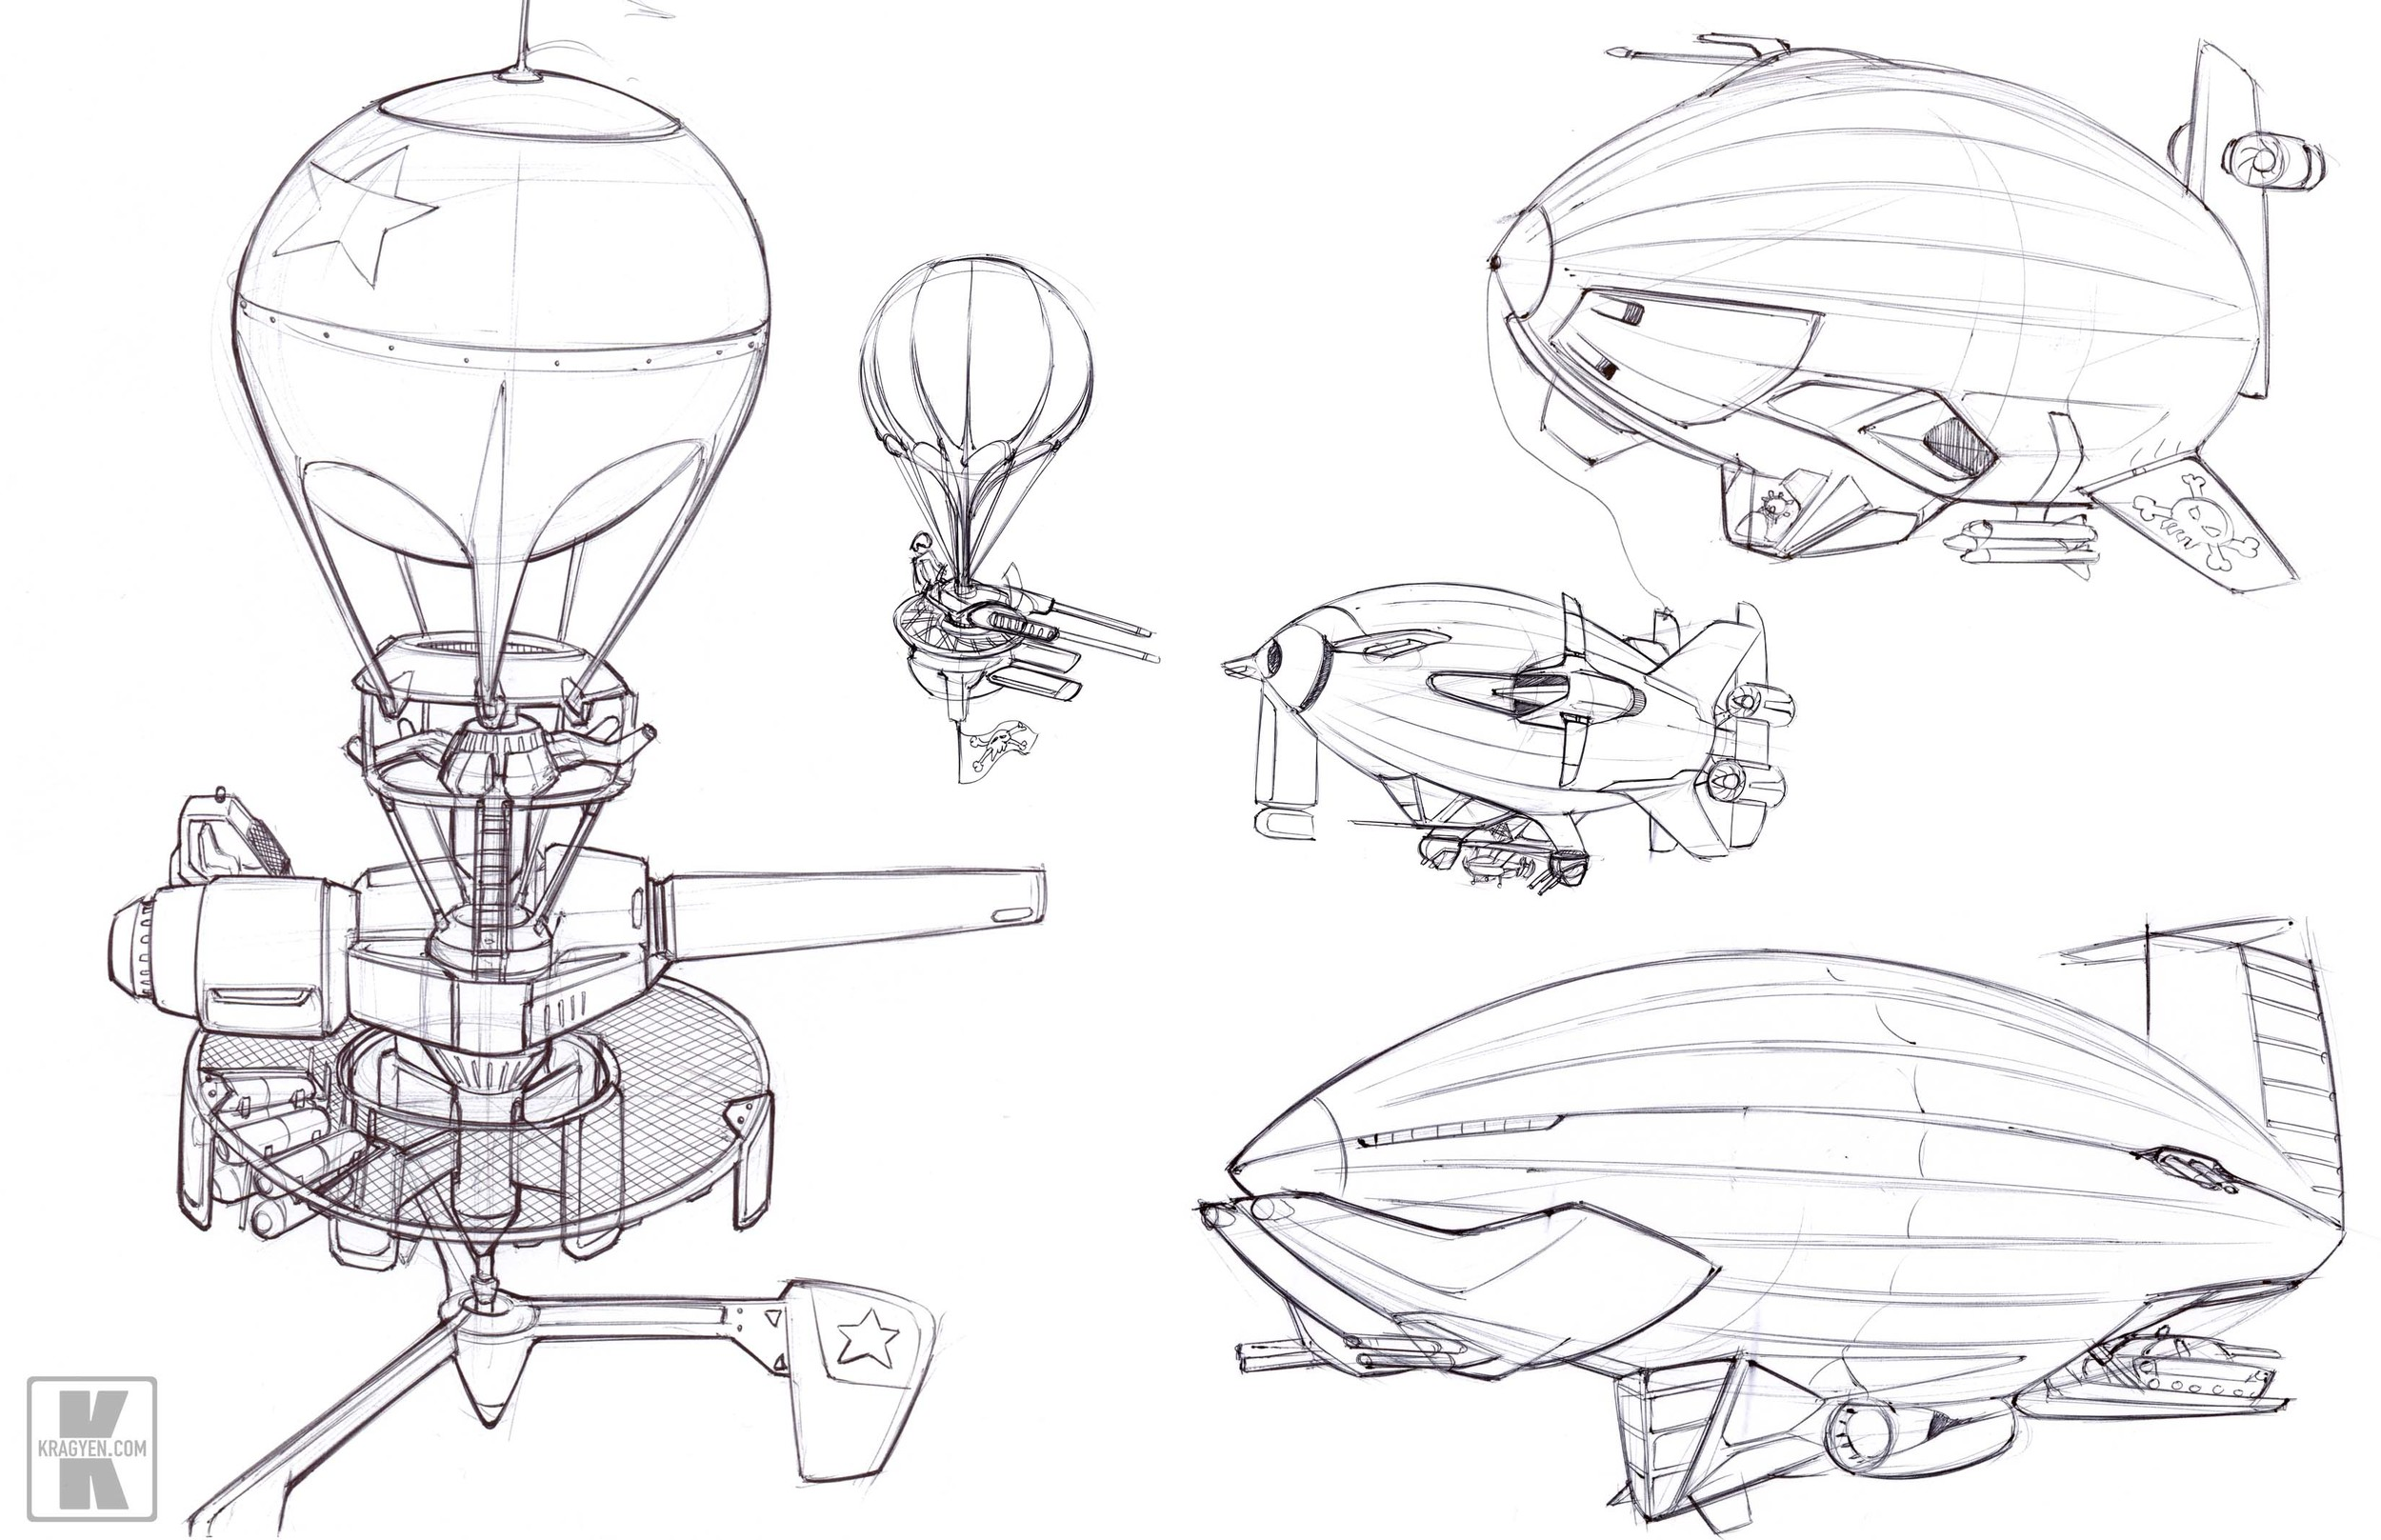 BiplaneDesign6.jpg